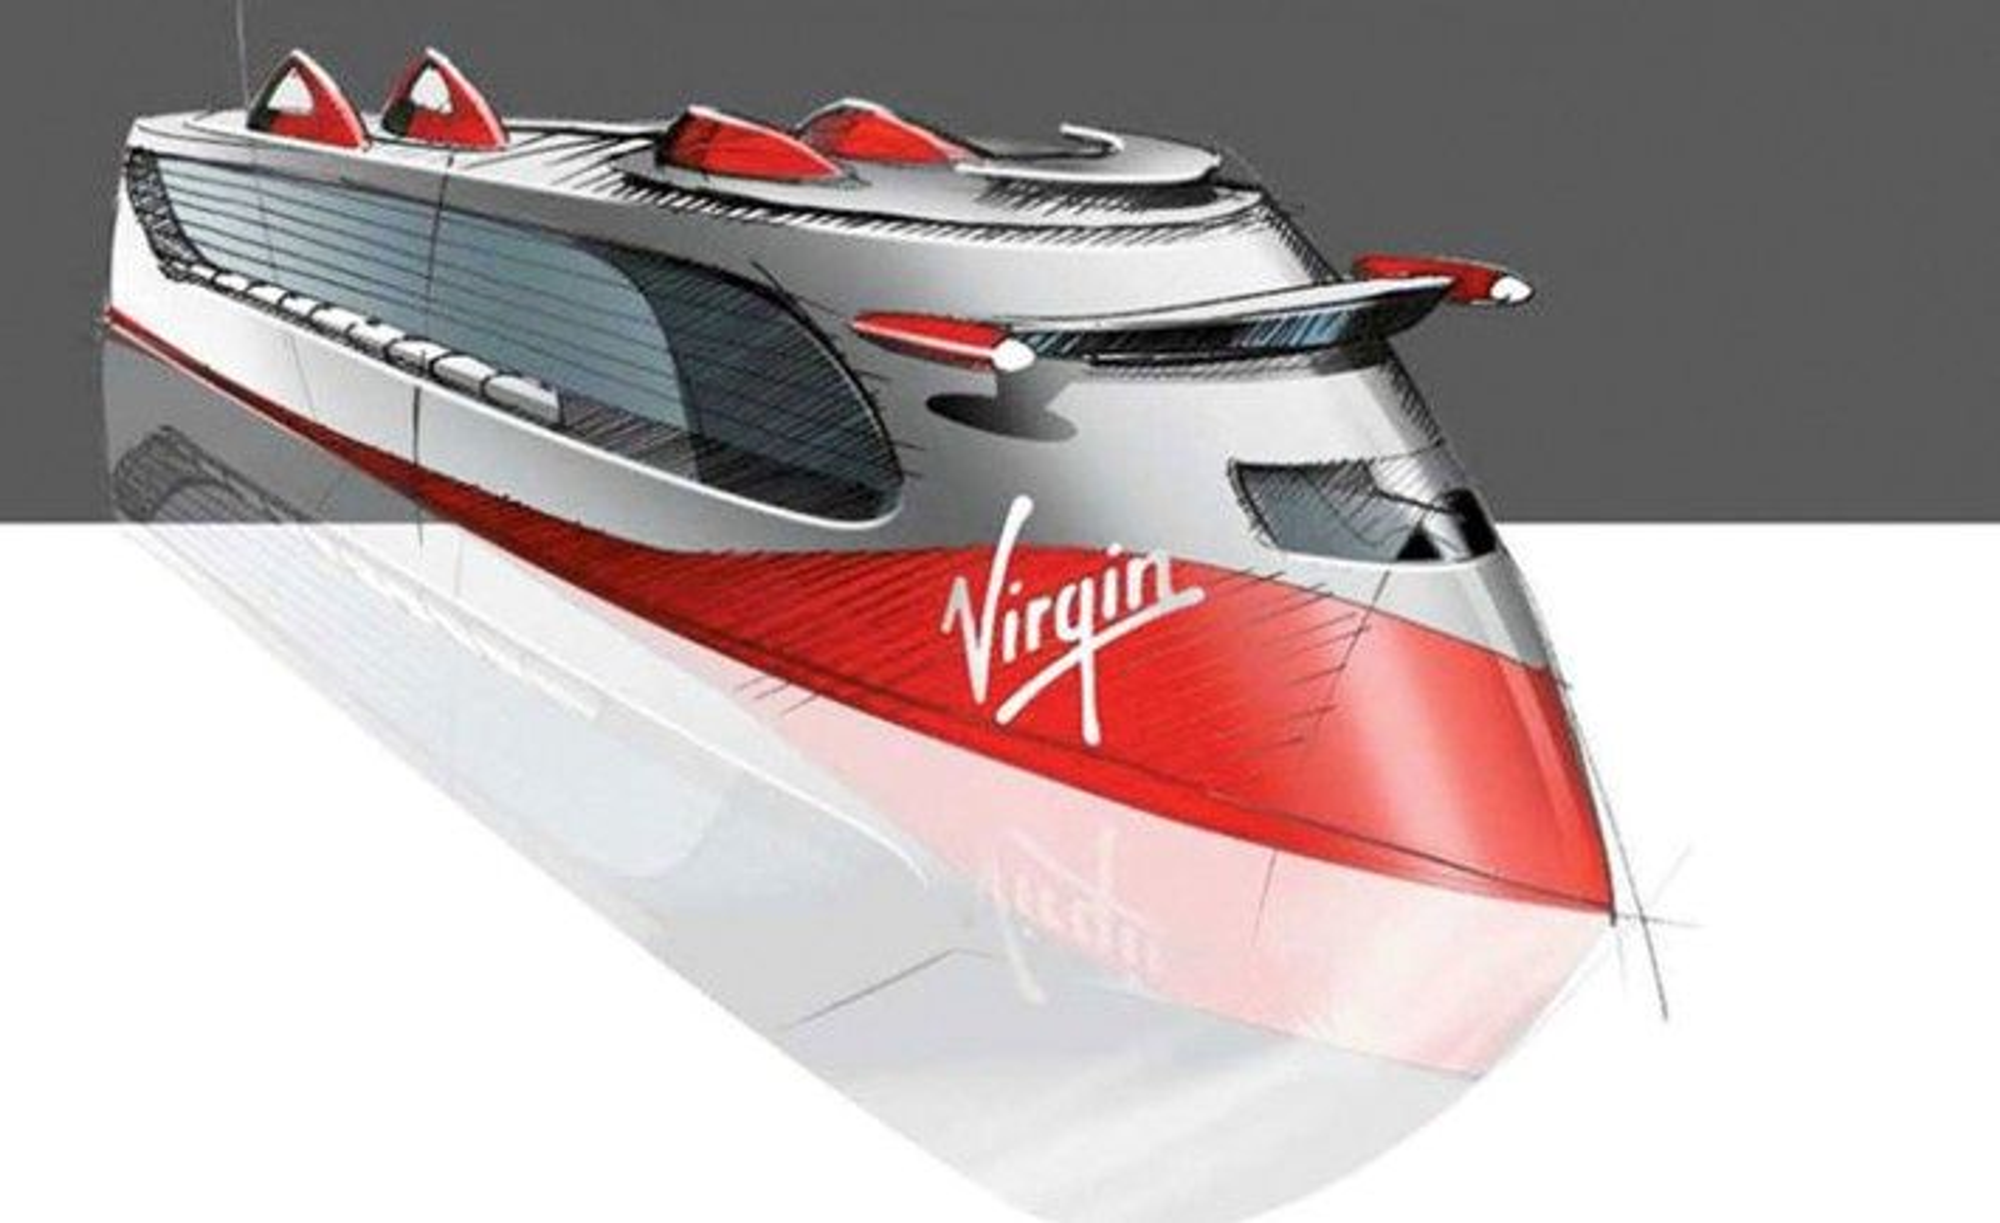 Baugen på de store cruiseskipene er til forveksling lik Ulsteins patenterte X-Bow.